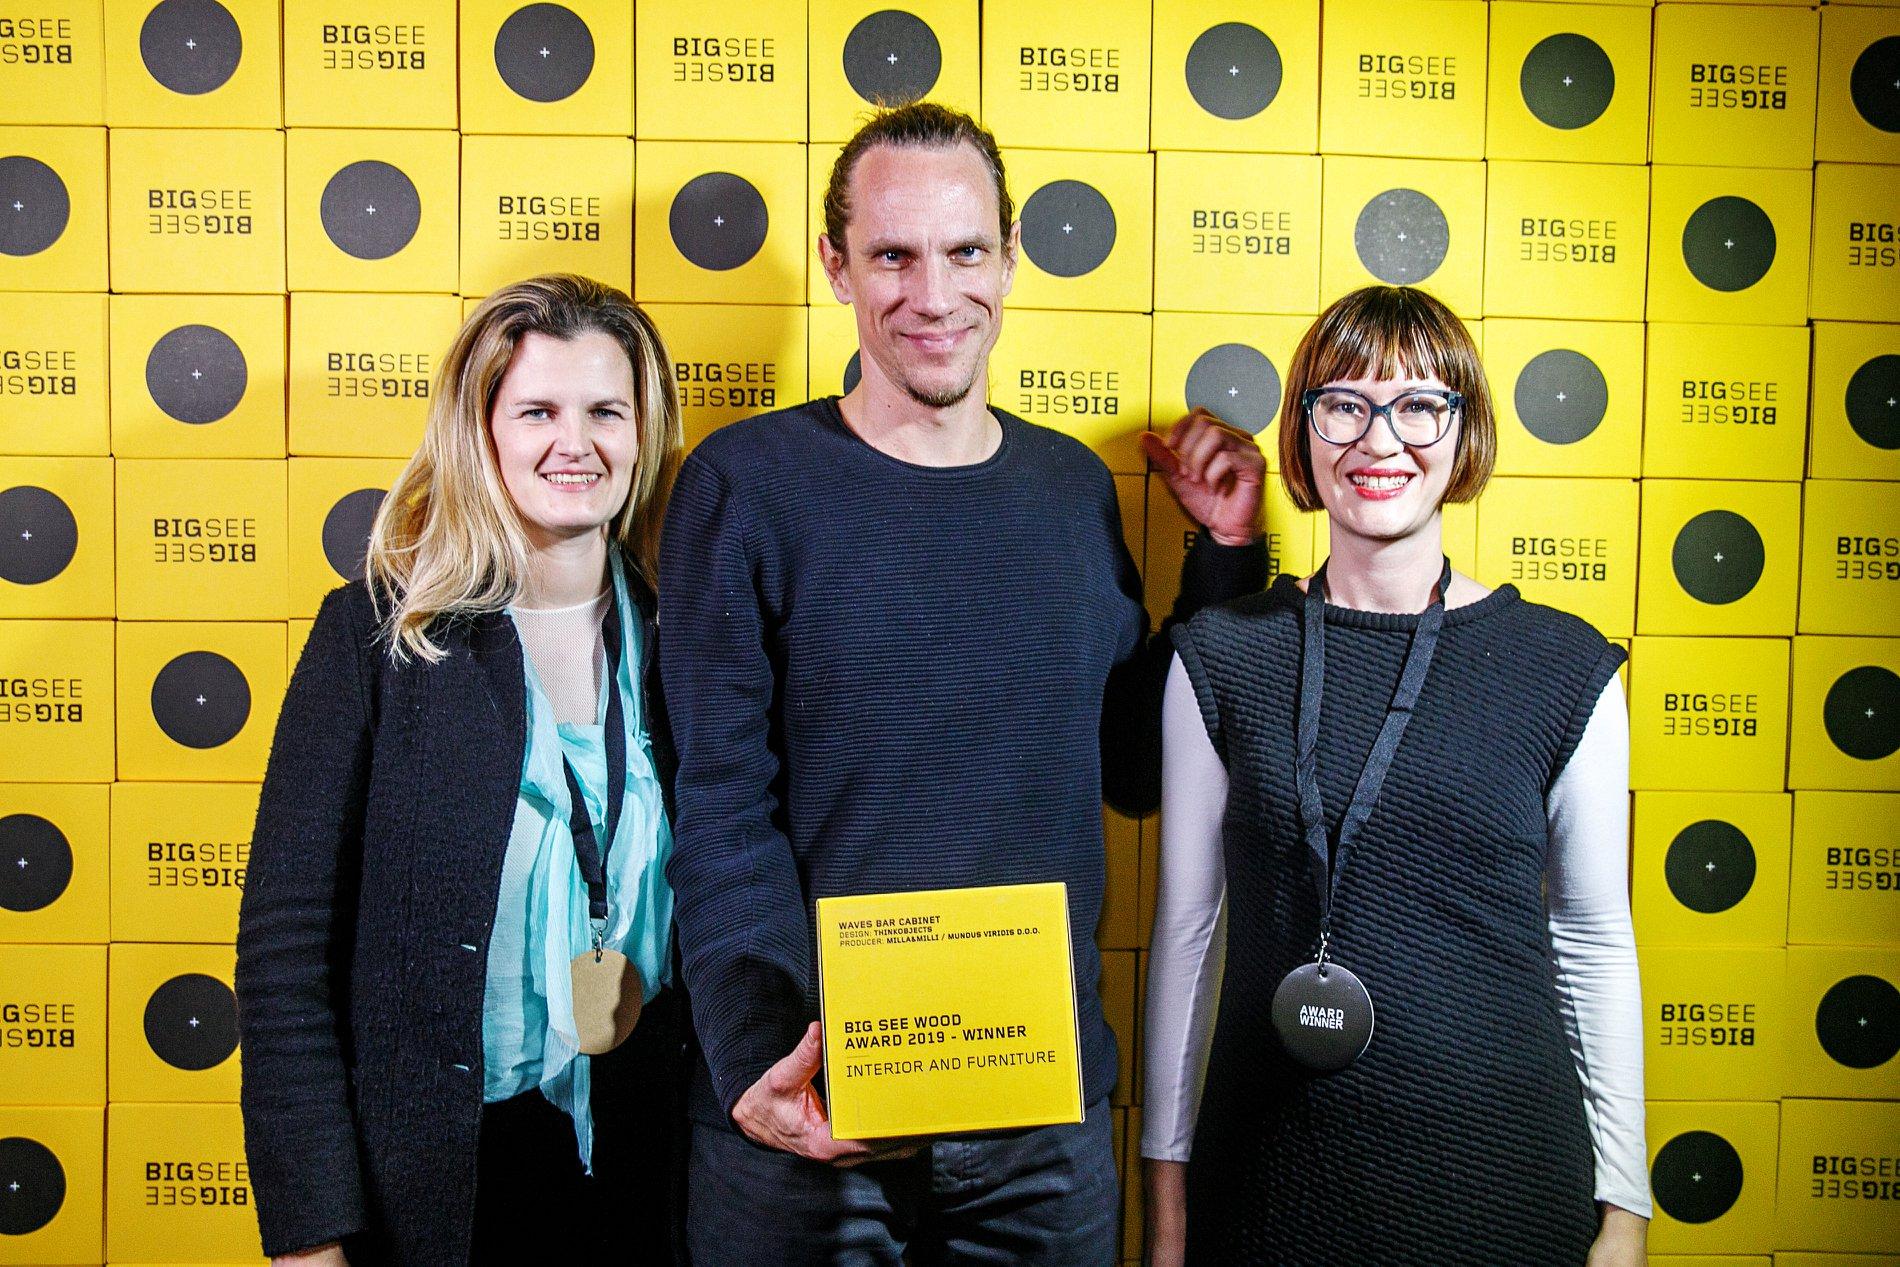 masavukmanovic.com - nagrada big see award 2019